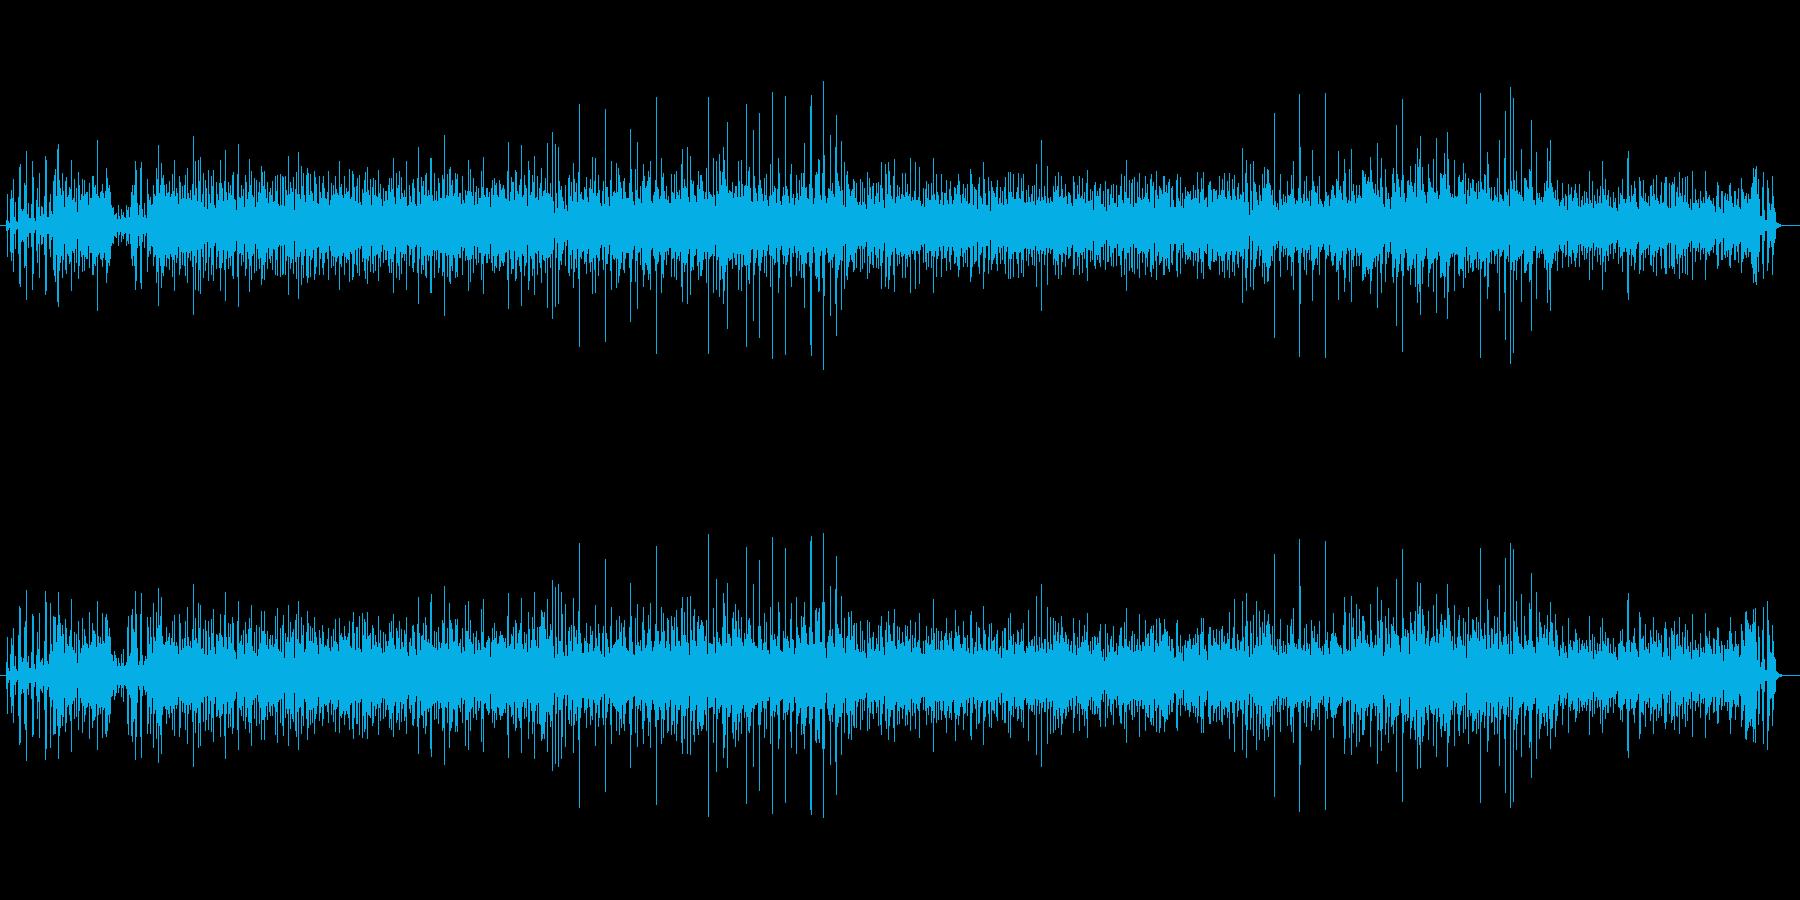 ボサノバ・フュージョン(午後のひととき)の再生済みの波形